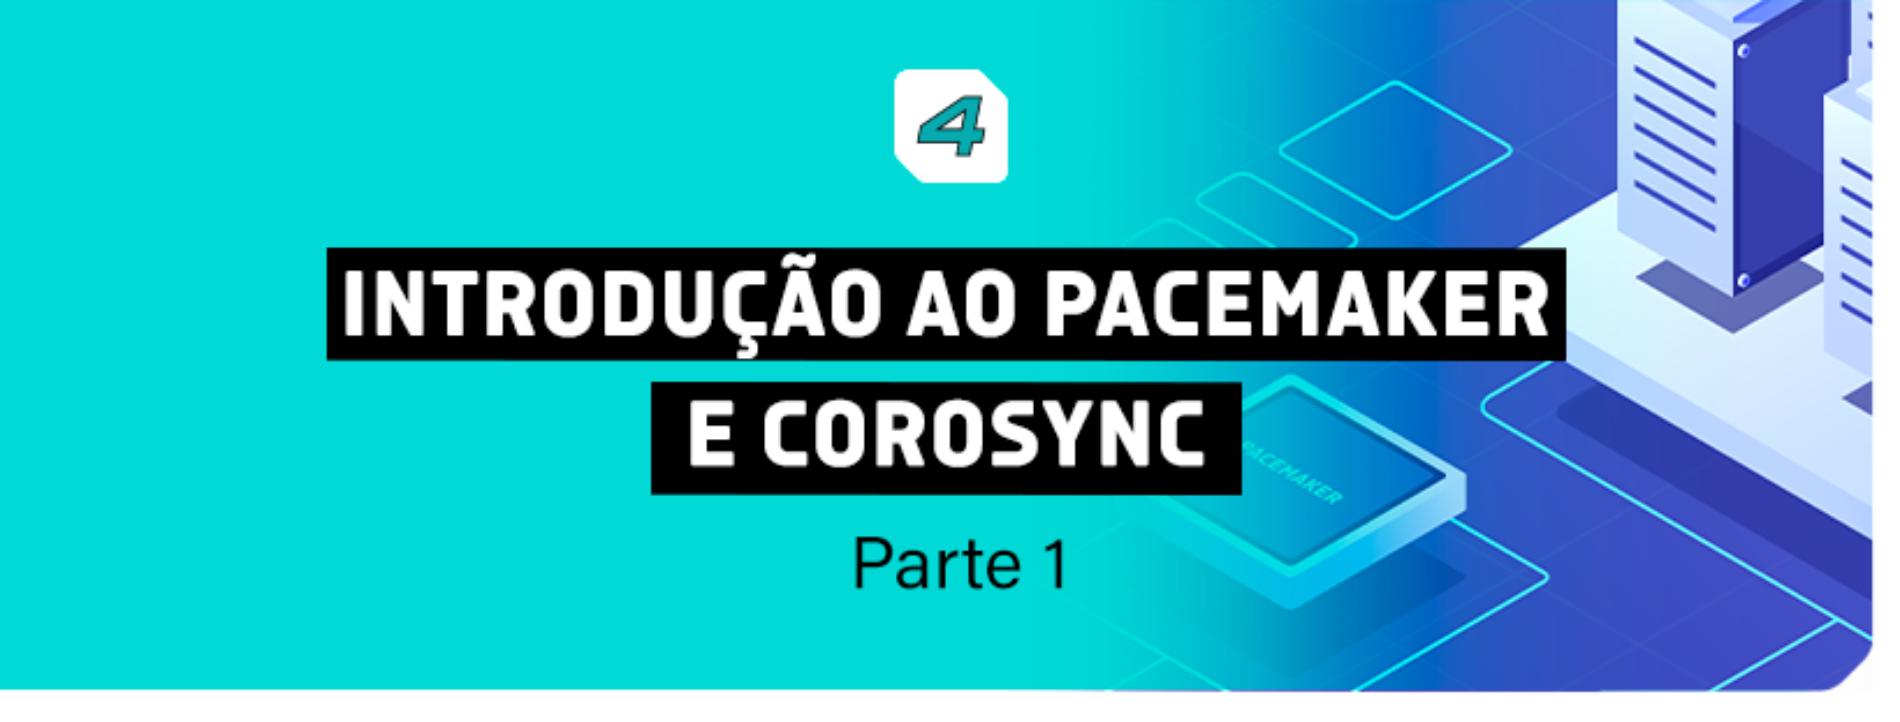 Introdução ao Pacemaker e Corosync – Parte 1